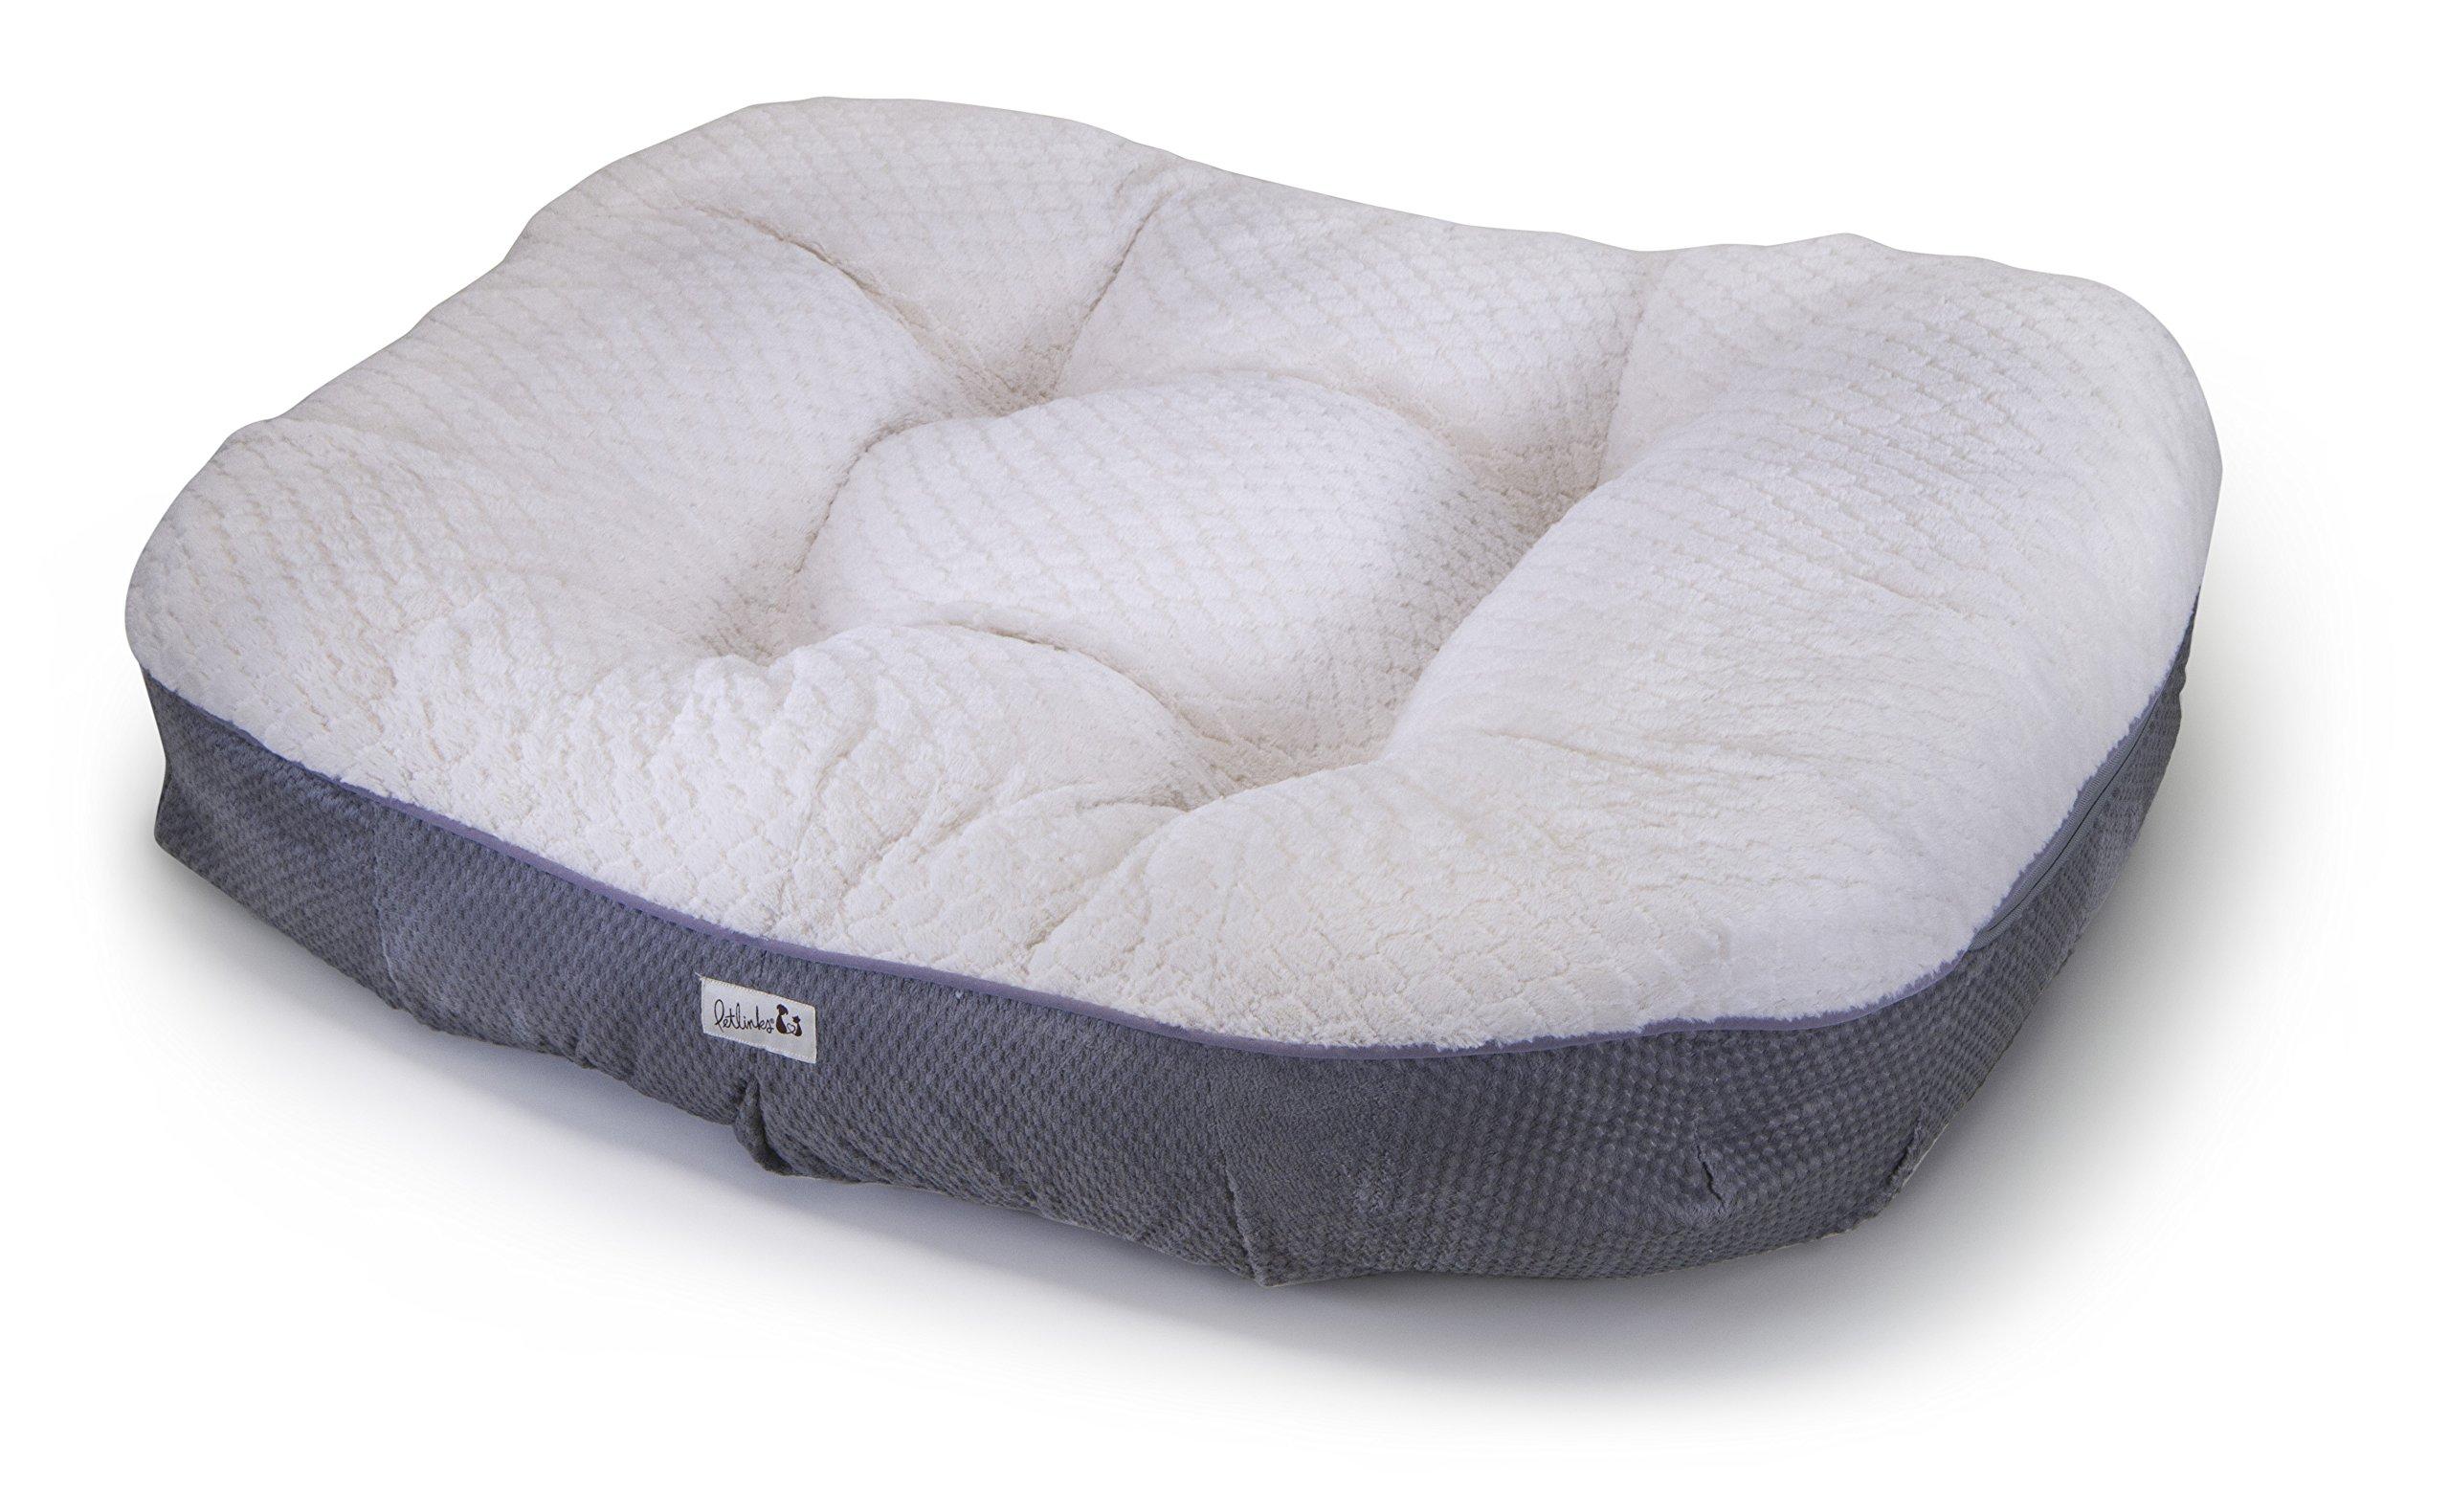 Petlinks Deluxe Dreamer Memory Foam Pet Bed, Large by Petlinks